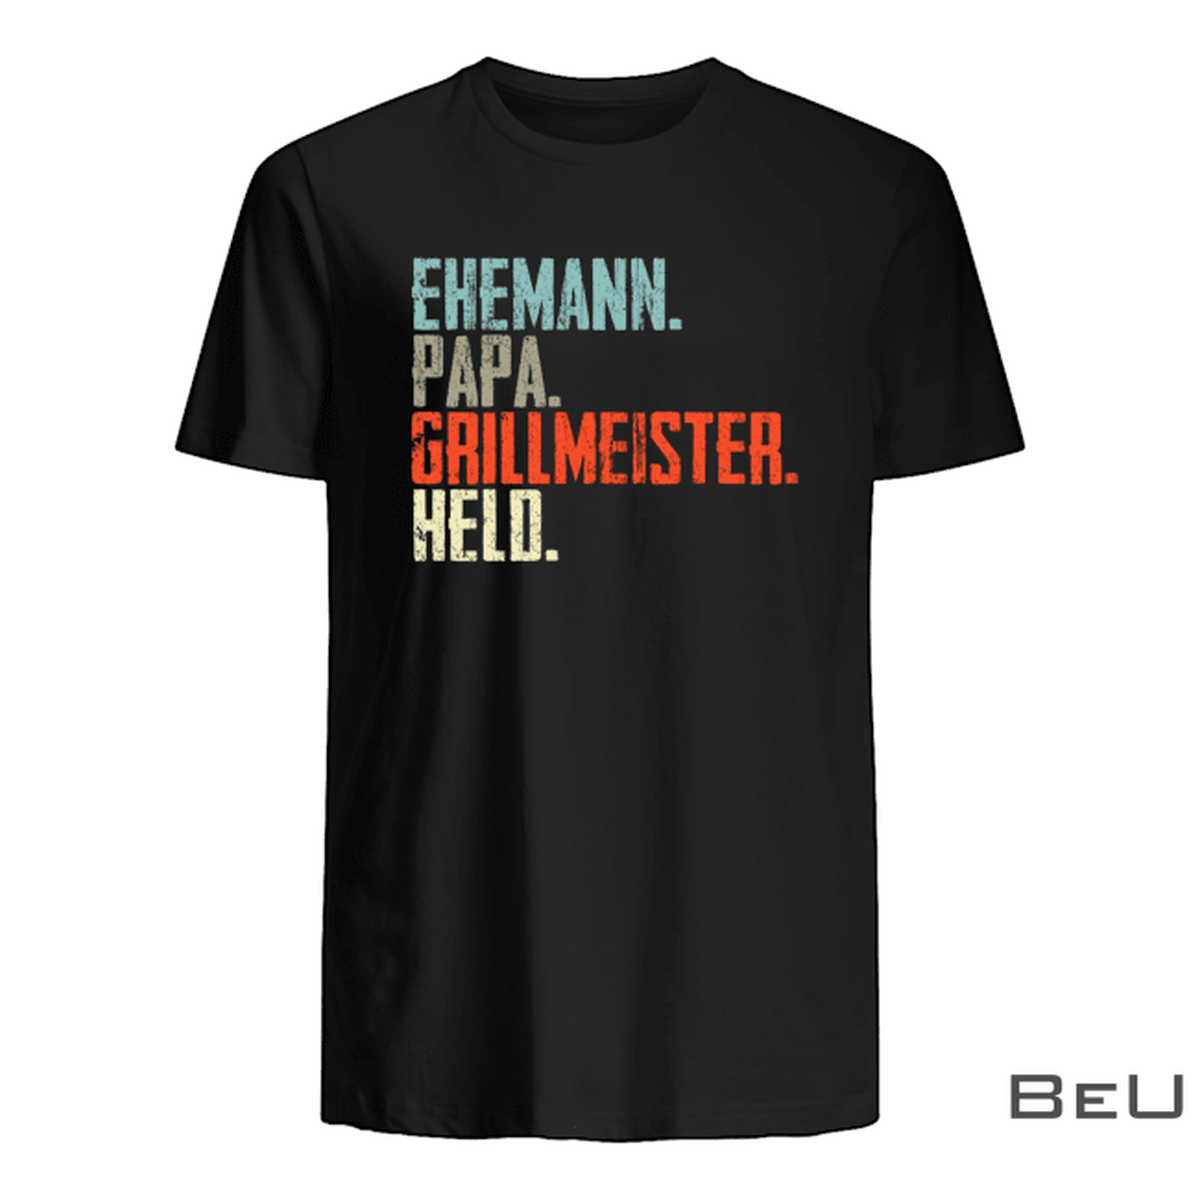 Ehemann Papa Grillmeister Held Shirt, hoodie, tank top